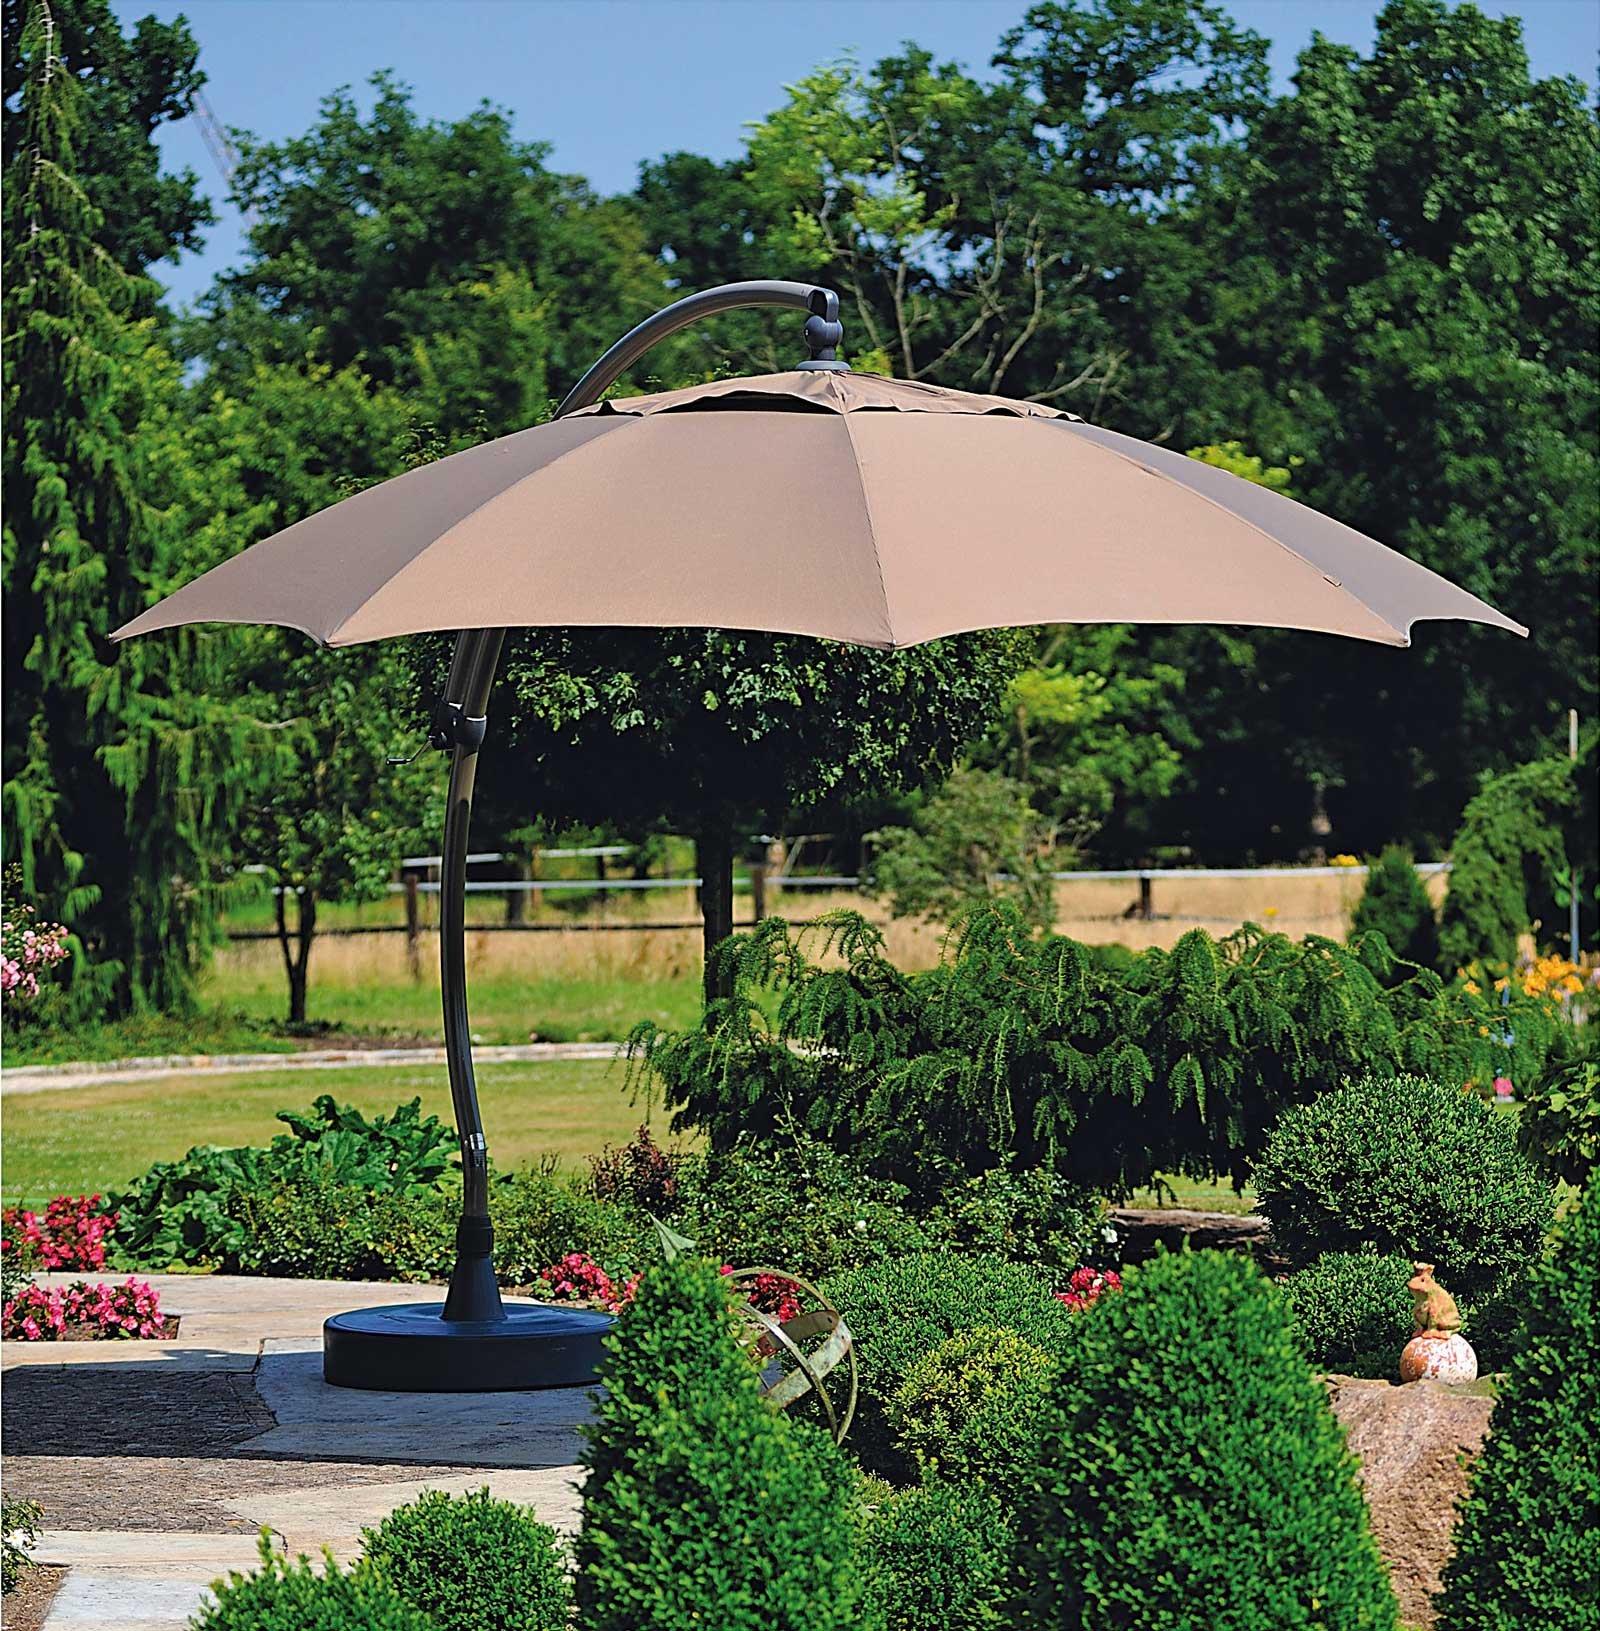 Idee per un giardino con dondolo giardino leroy merlin for Altalena da giardino leroy merlin